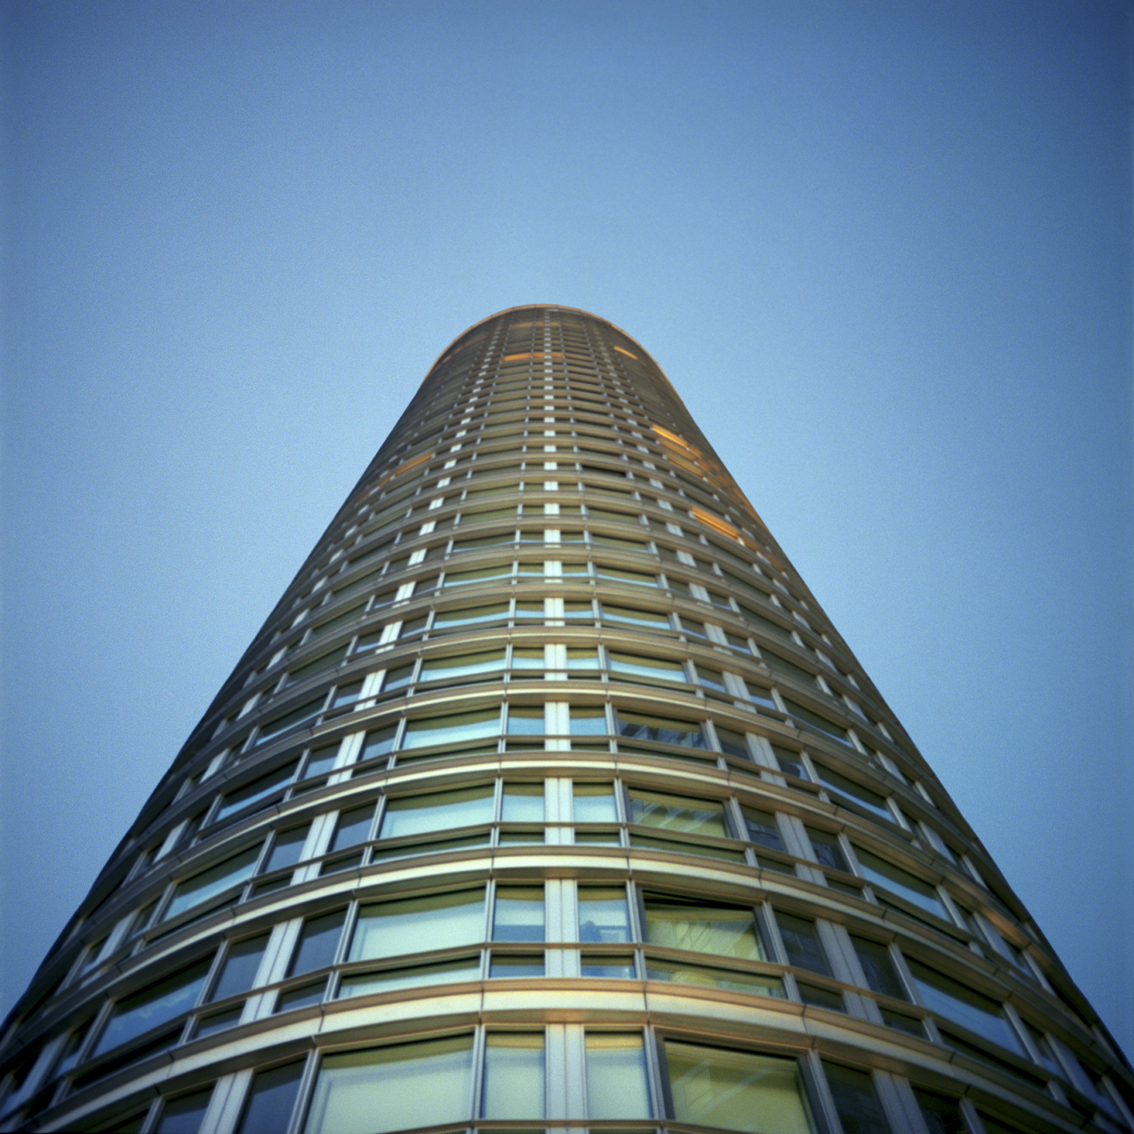 Ontario Building, Tower Hamlets